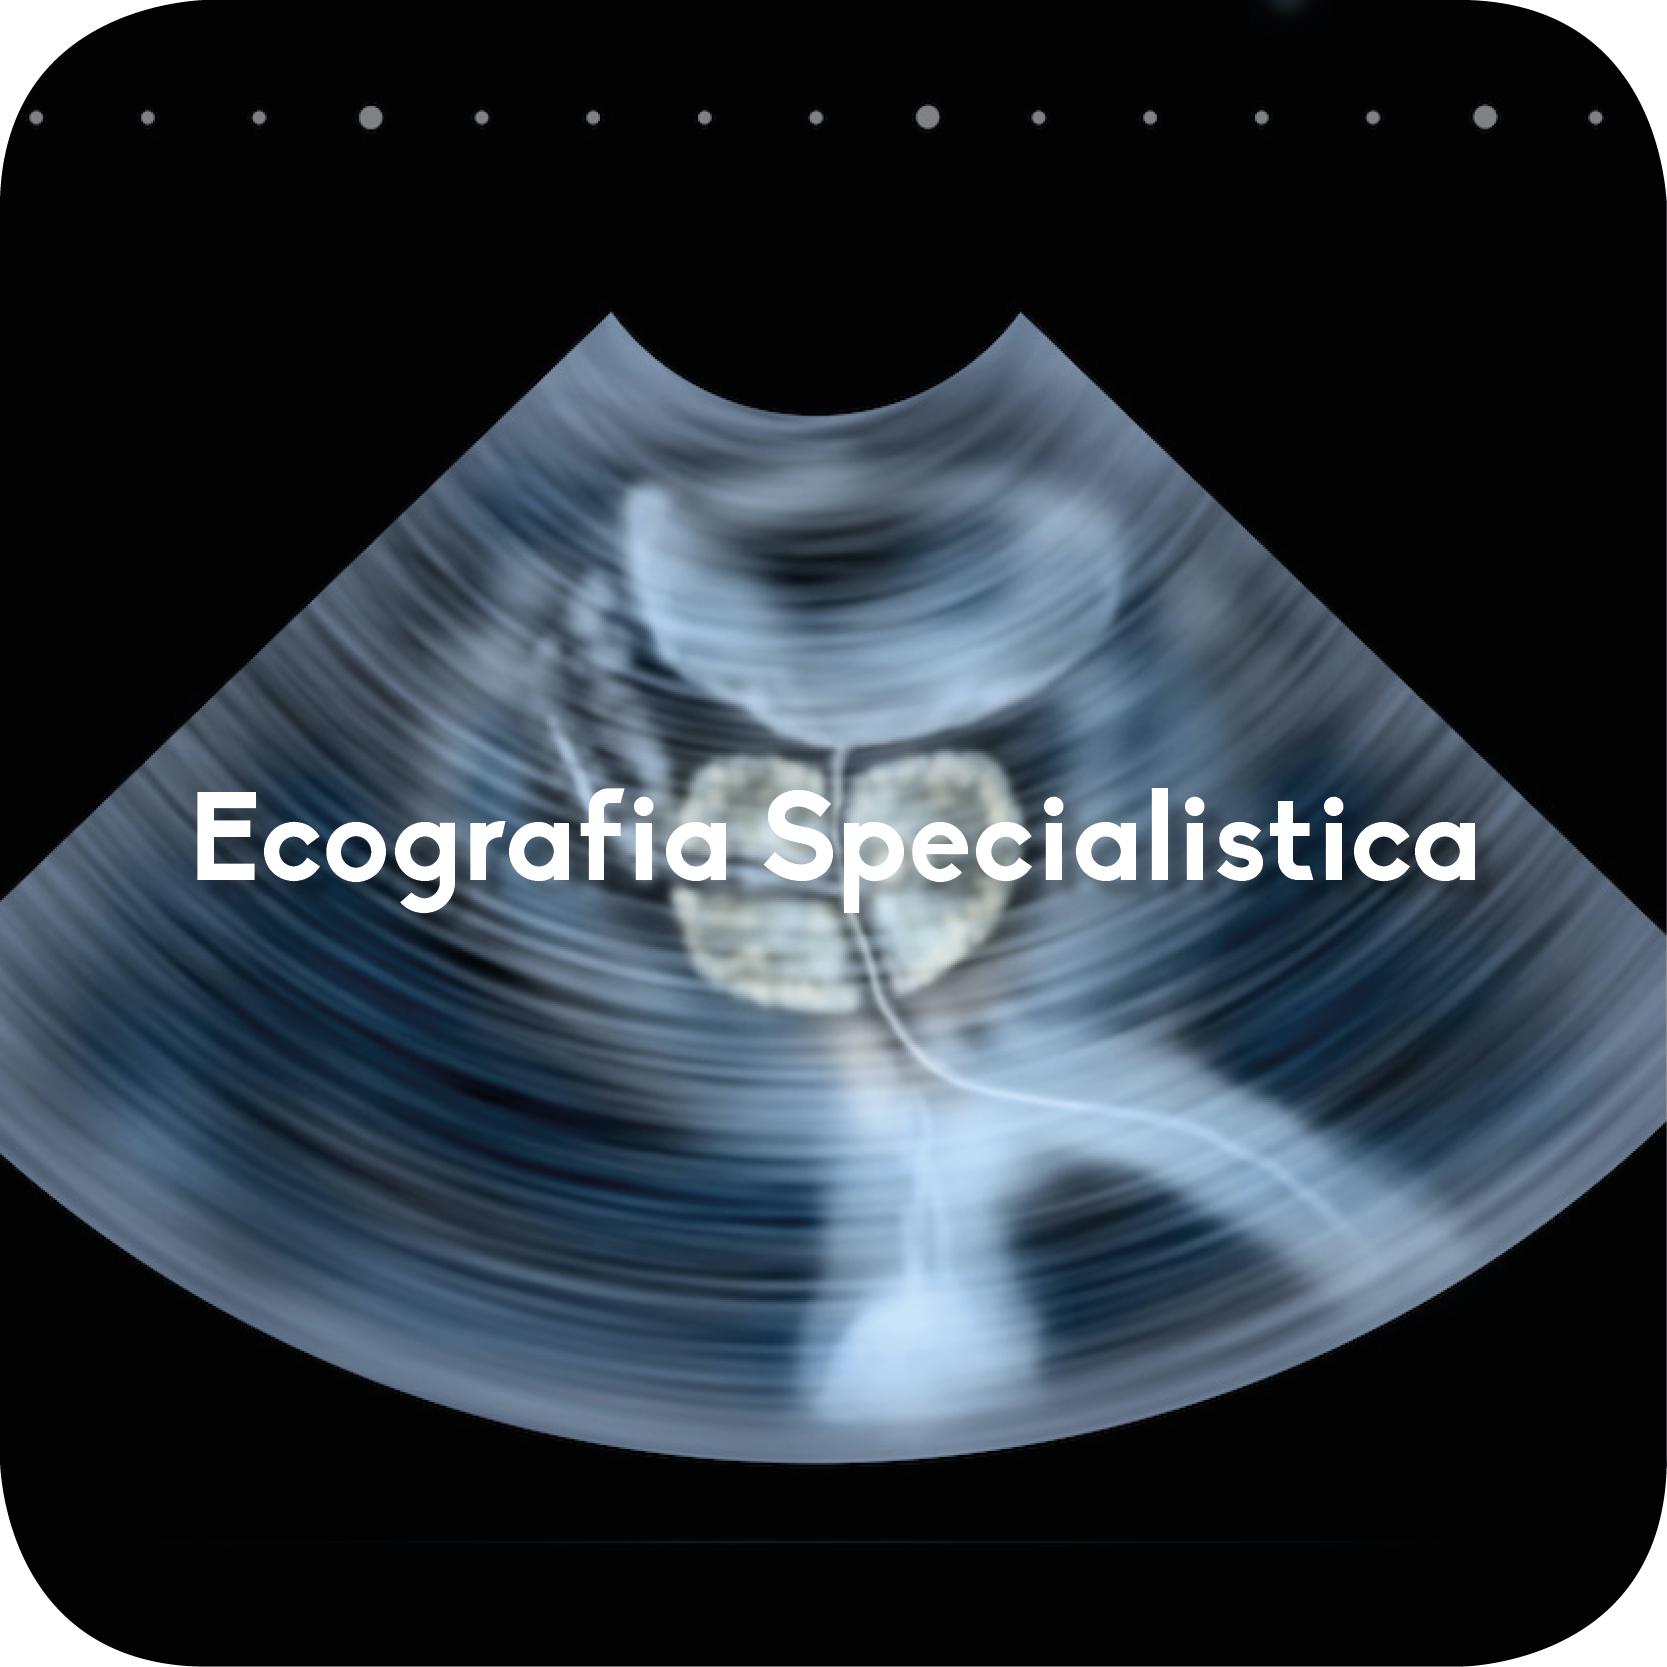 ecografia specialistica